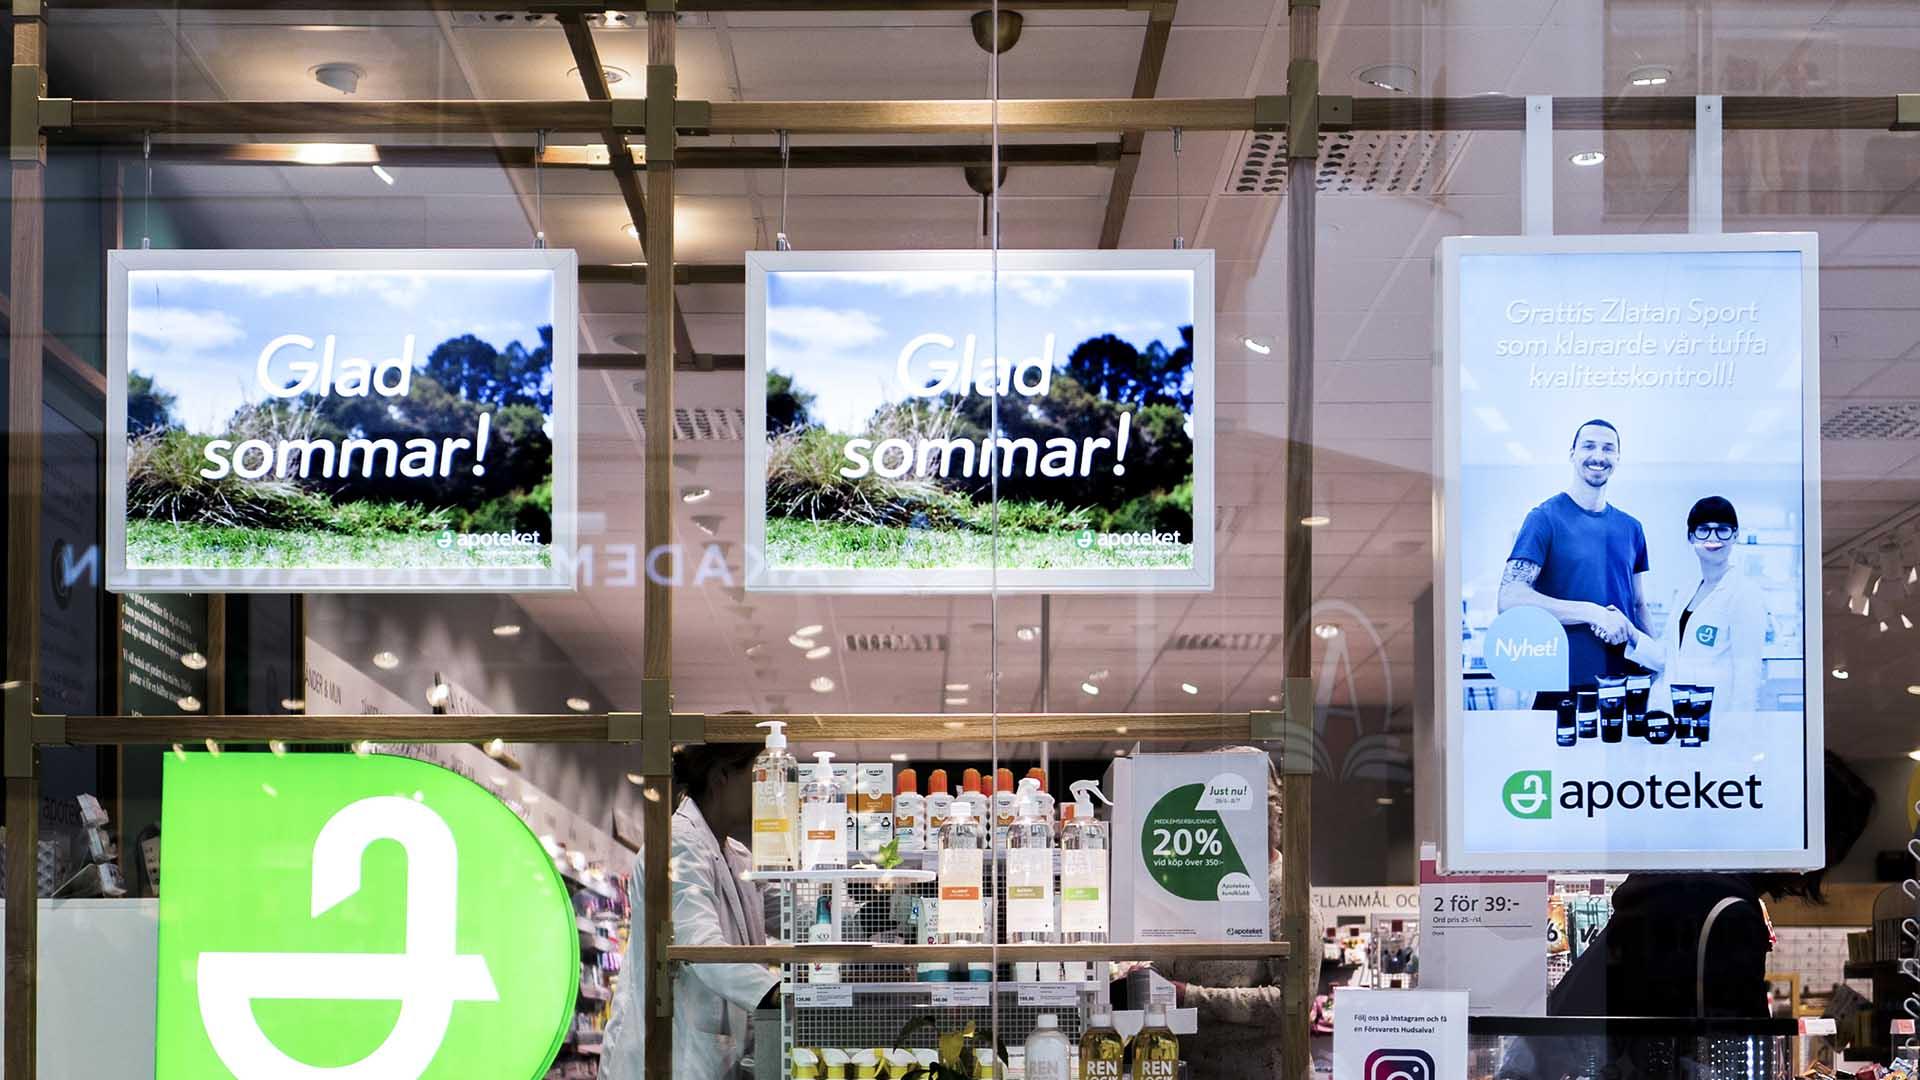 EWQs digitala skärmarna i Apotekets fönster visar aktuella annonser.